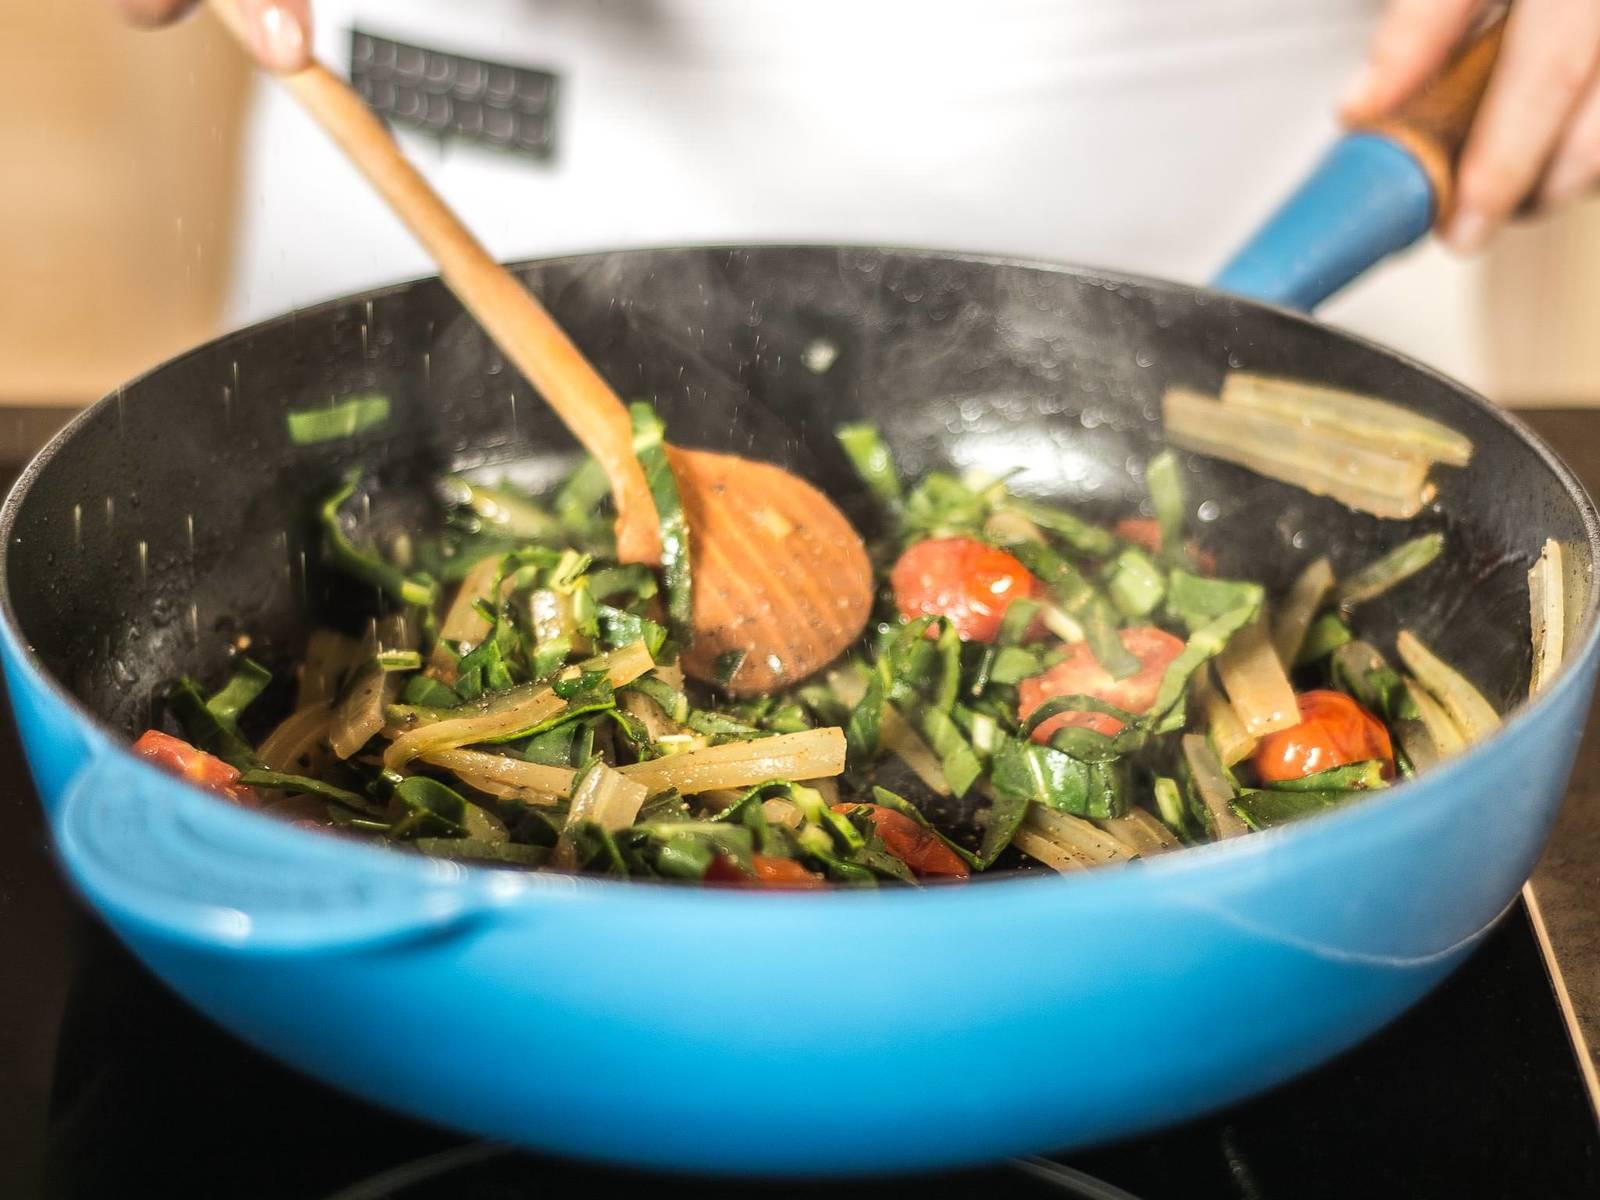 Mangold mit zerdrückter Knoblauchzehe in etwas Öl anschwitzen. Cherrytomaten hinzugeben, mit anschwitzen und mit Muskat, Salz und Pfeffer abschmecken. Zum Servieren gegartes Fischfilet auf dem Mangold anrichten.